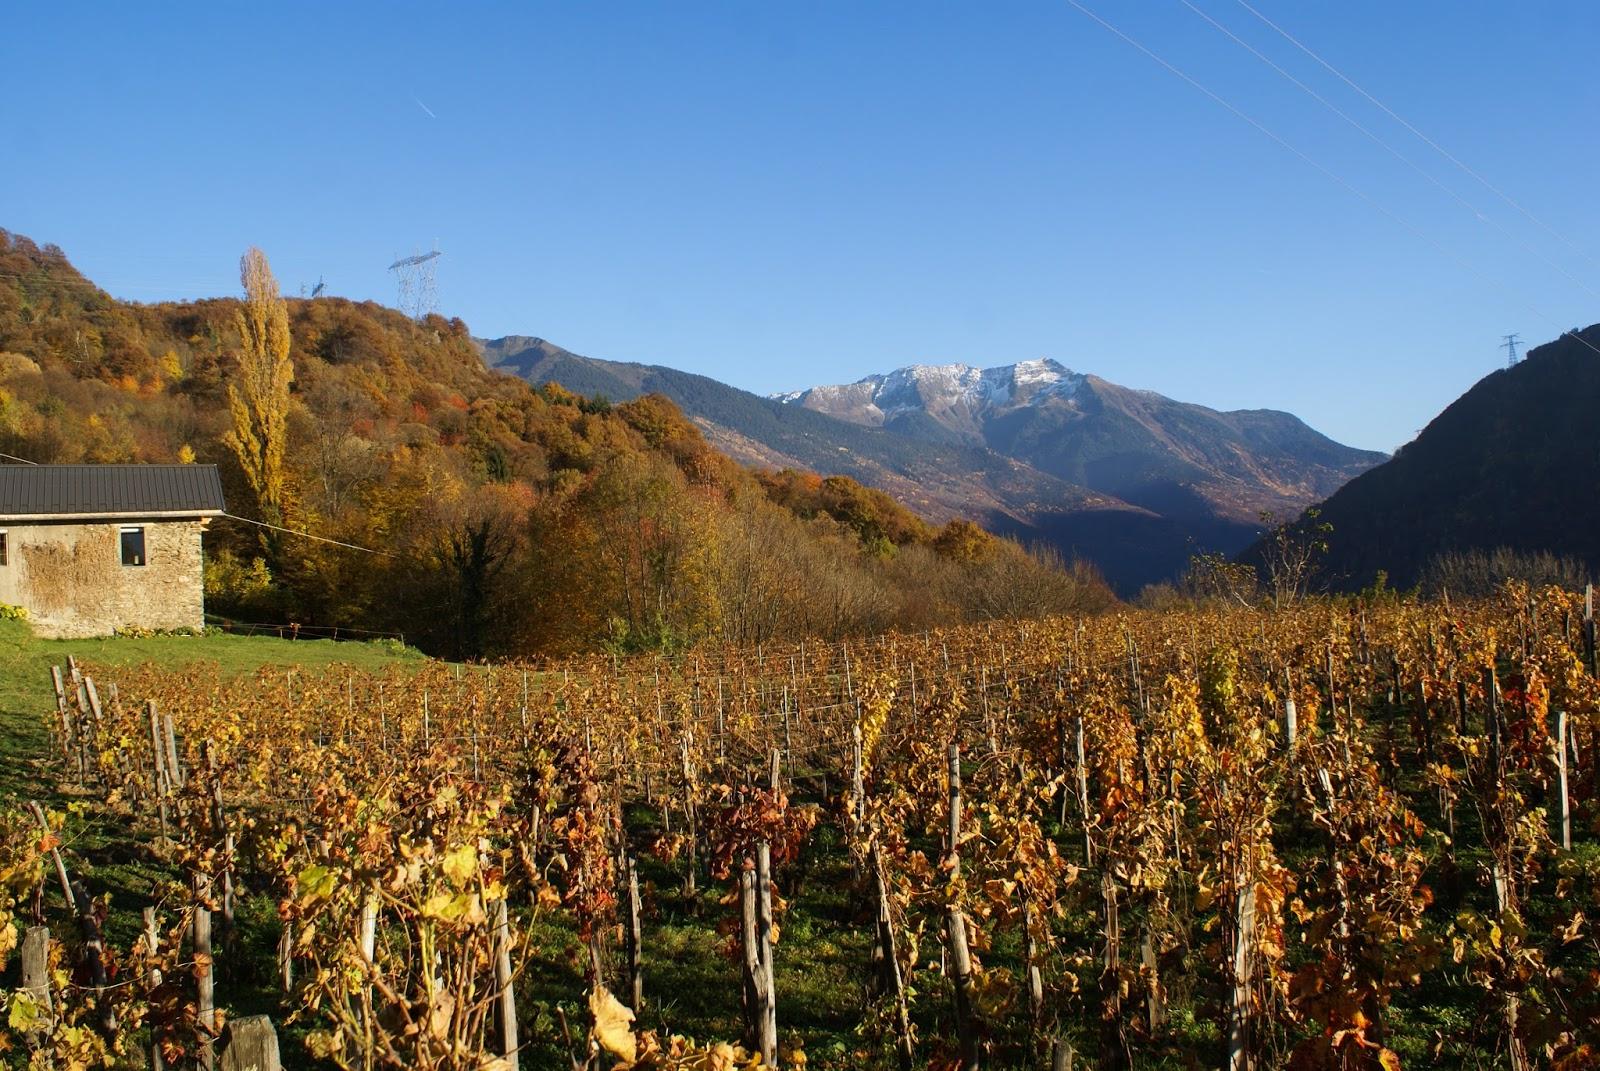 automne savoie feuilles nature vignes vue montagne